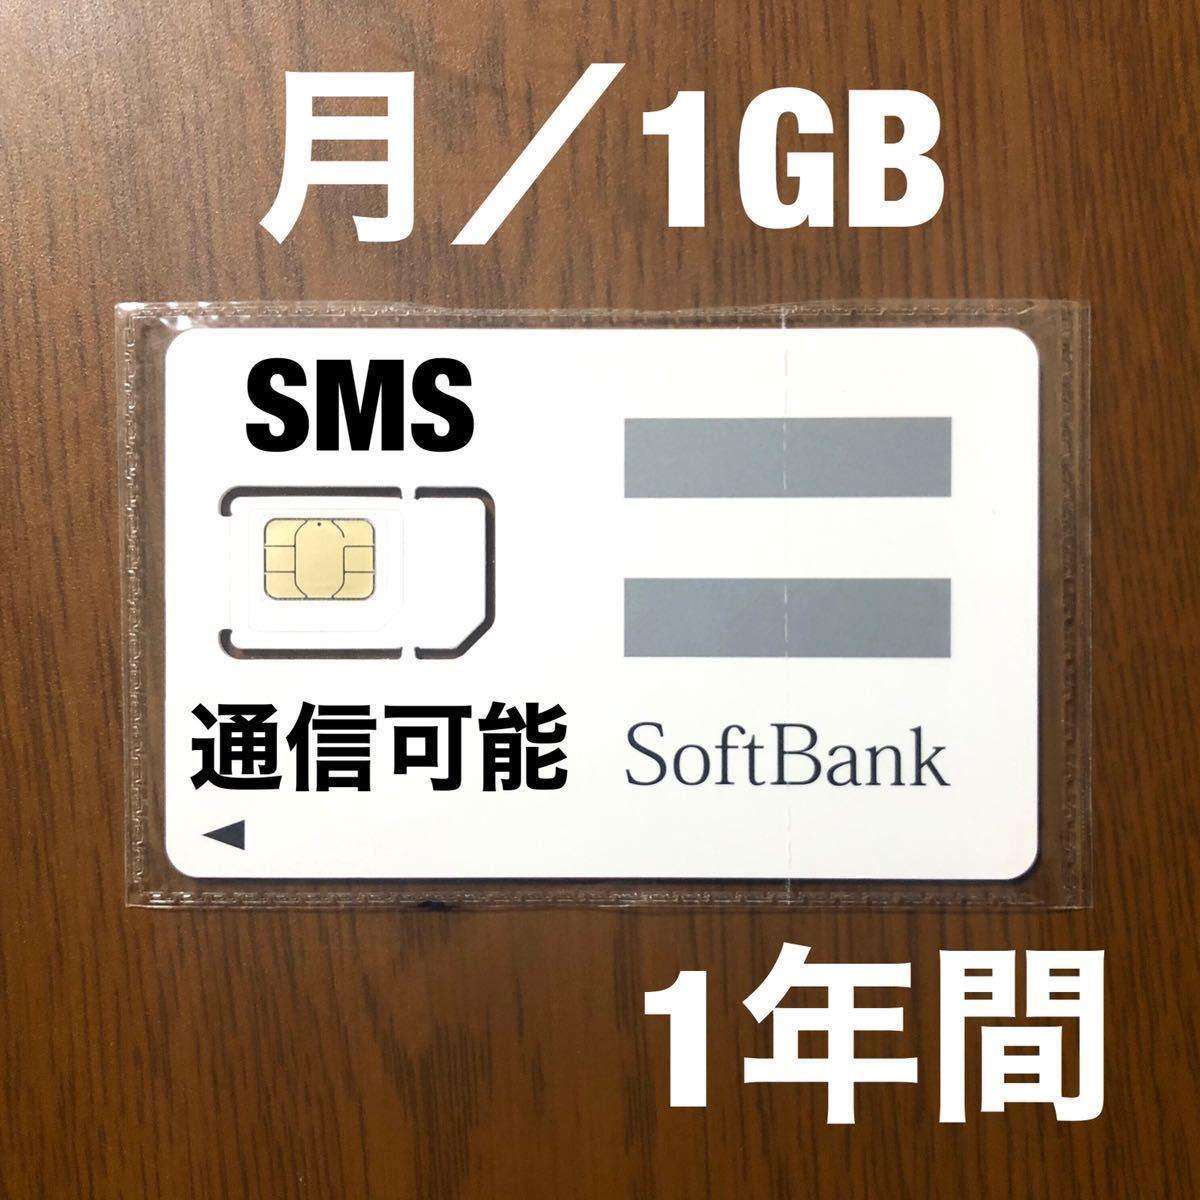 SoftBank 1GB プリペイド データ カード SIM 通信 高速054_画像1